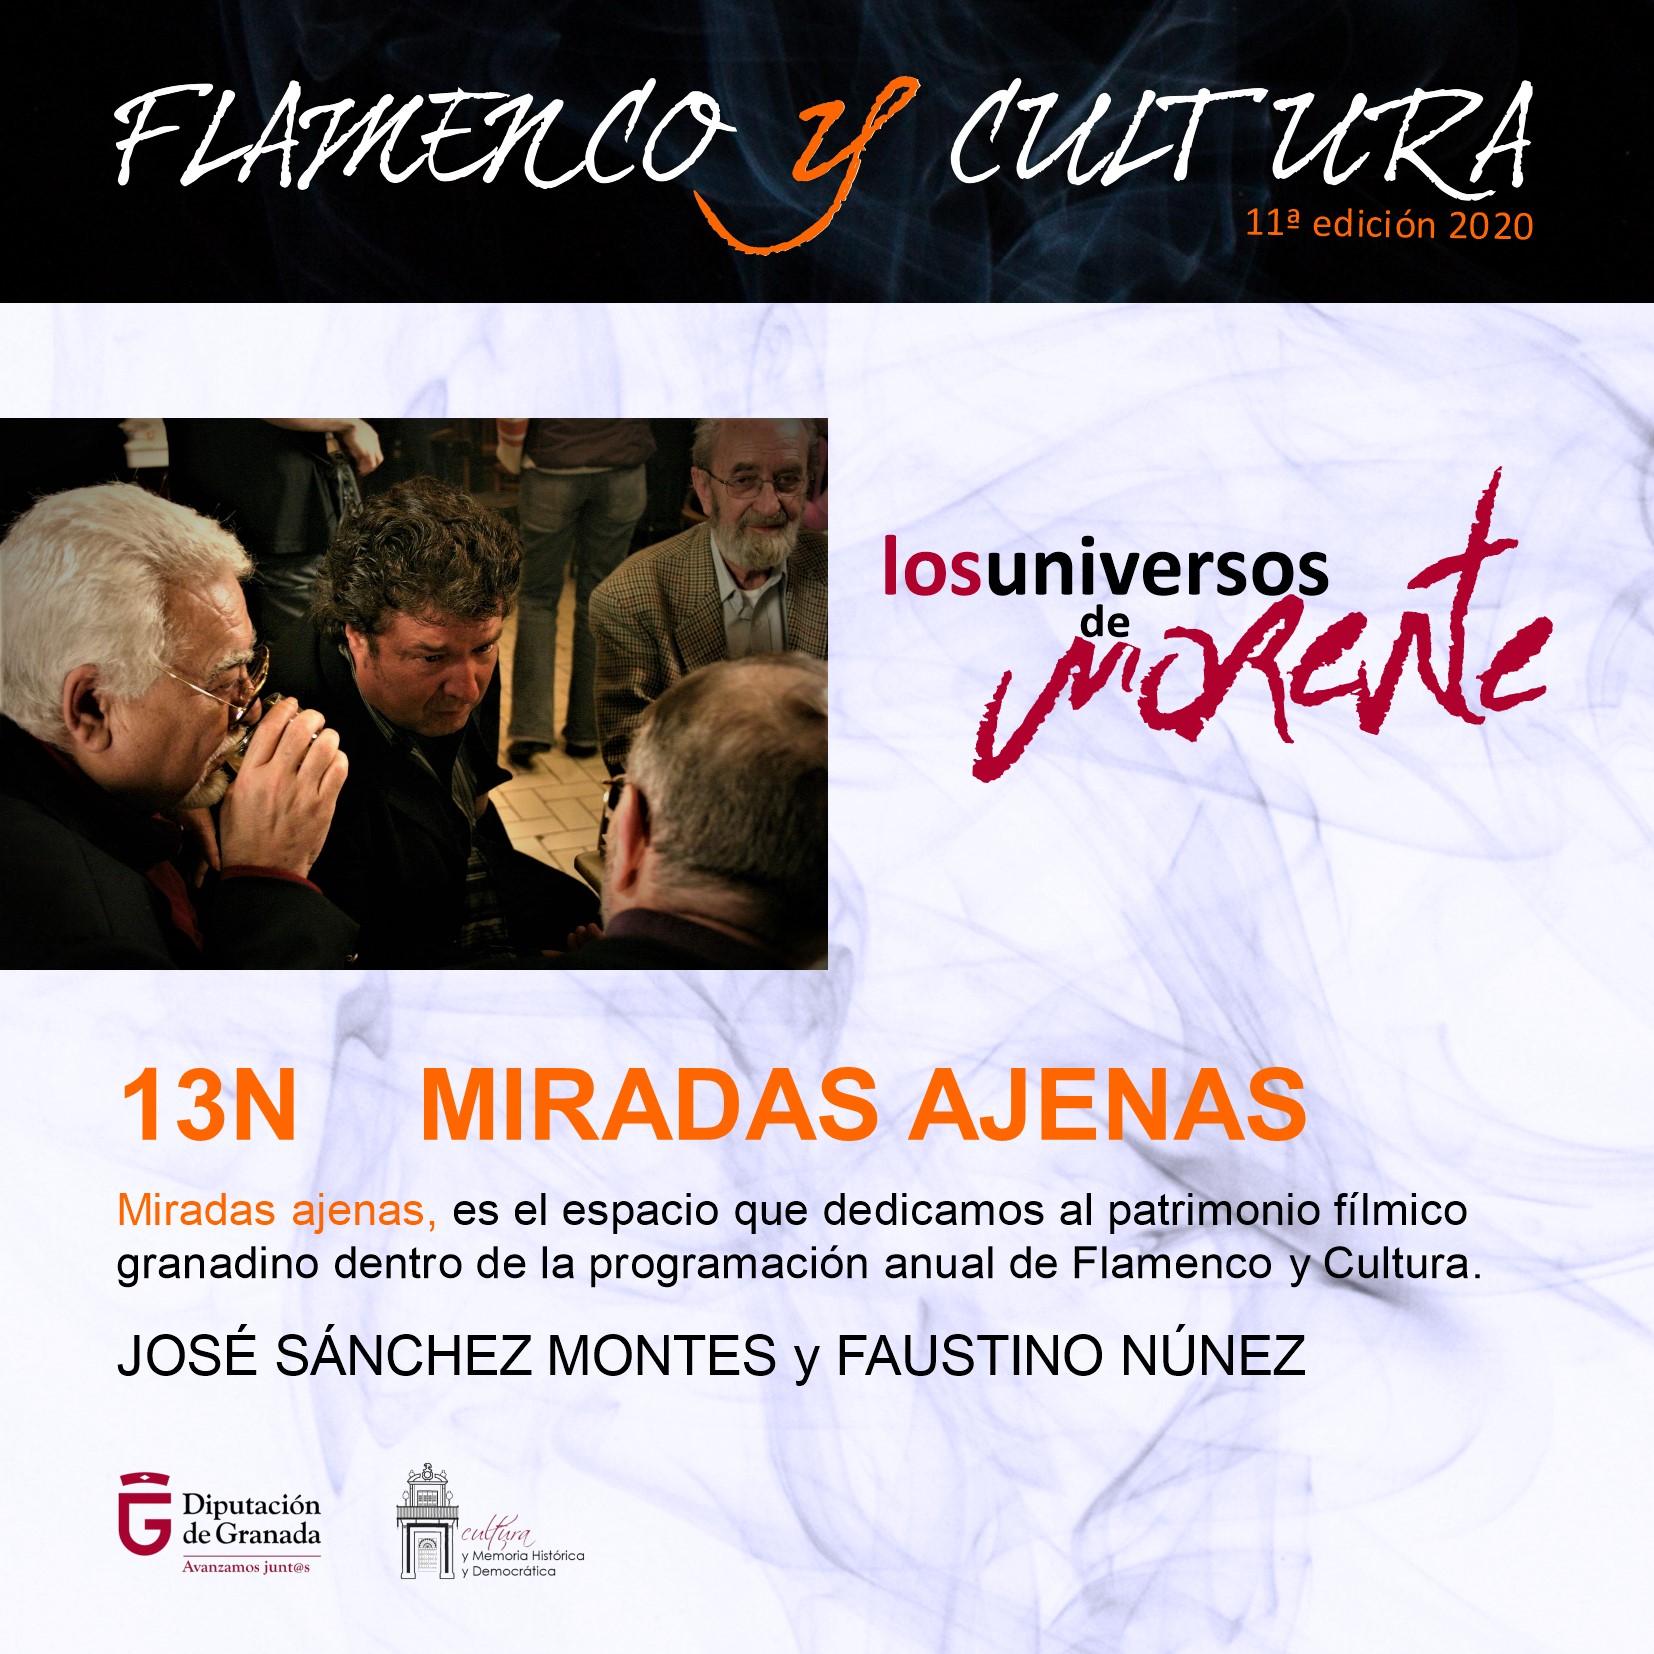 Miradas Ajenas: una selección cinematográfica para recordar la figura de Enrique Morente